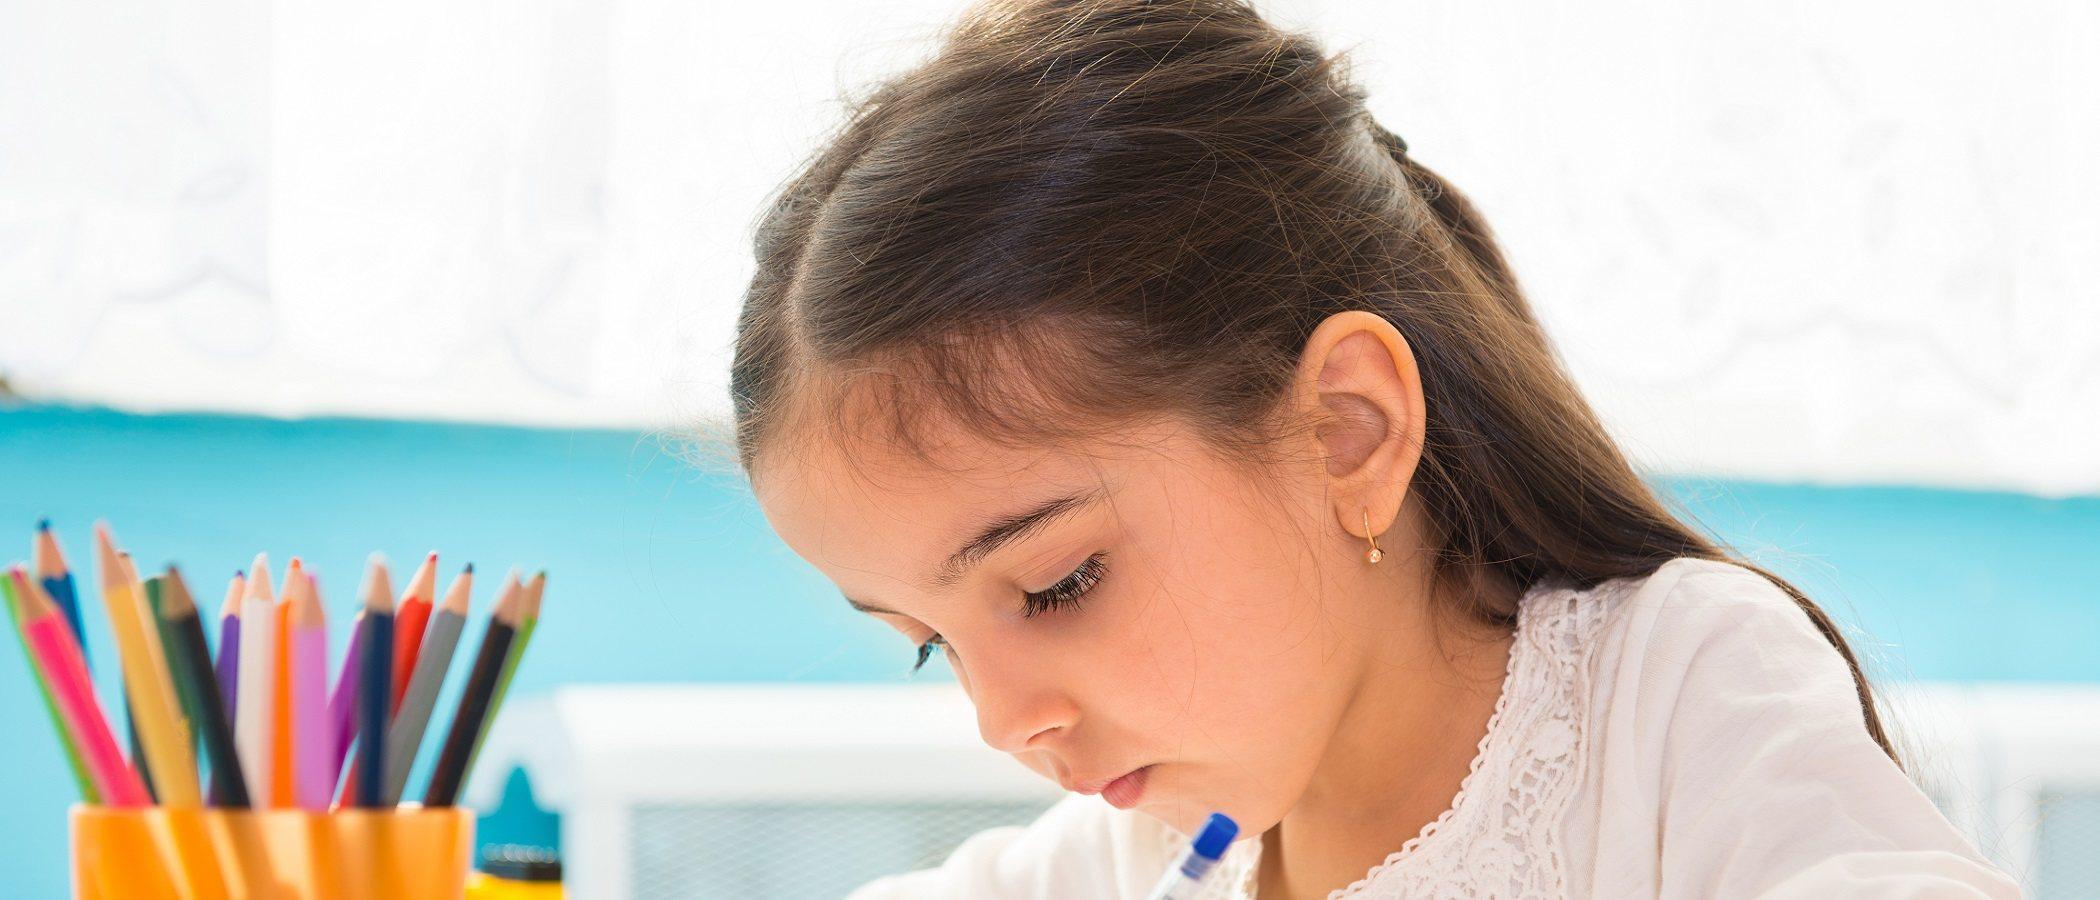 ¿Son importantes las técnicas de estudio en la secundaria?